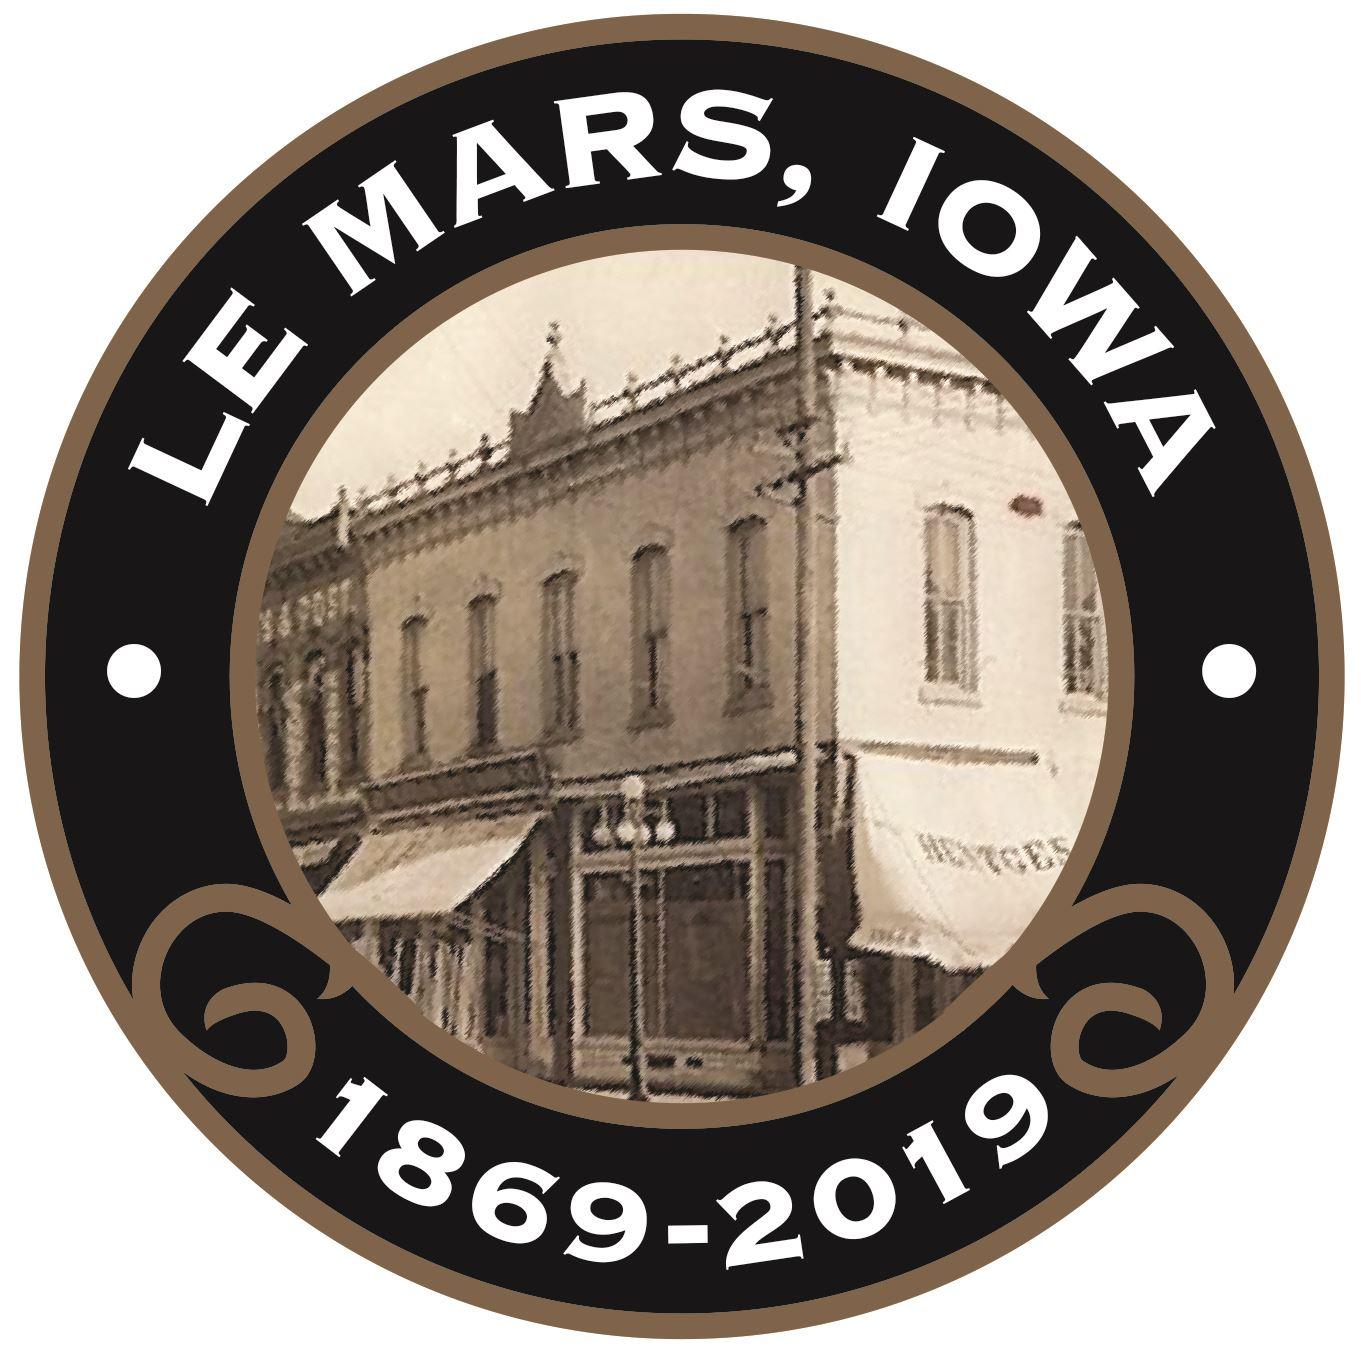 a13333dbd Le Mars, IA - Official Website